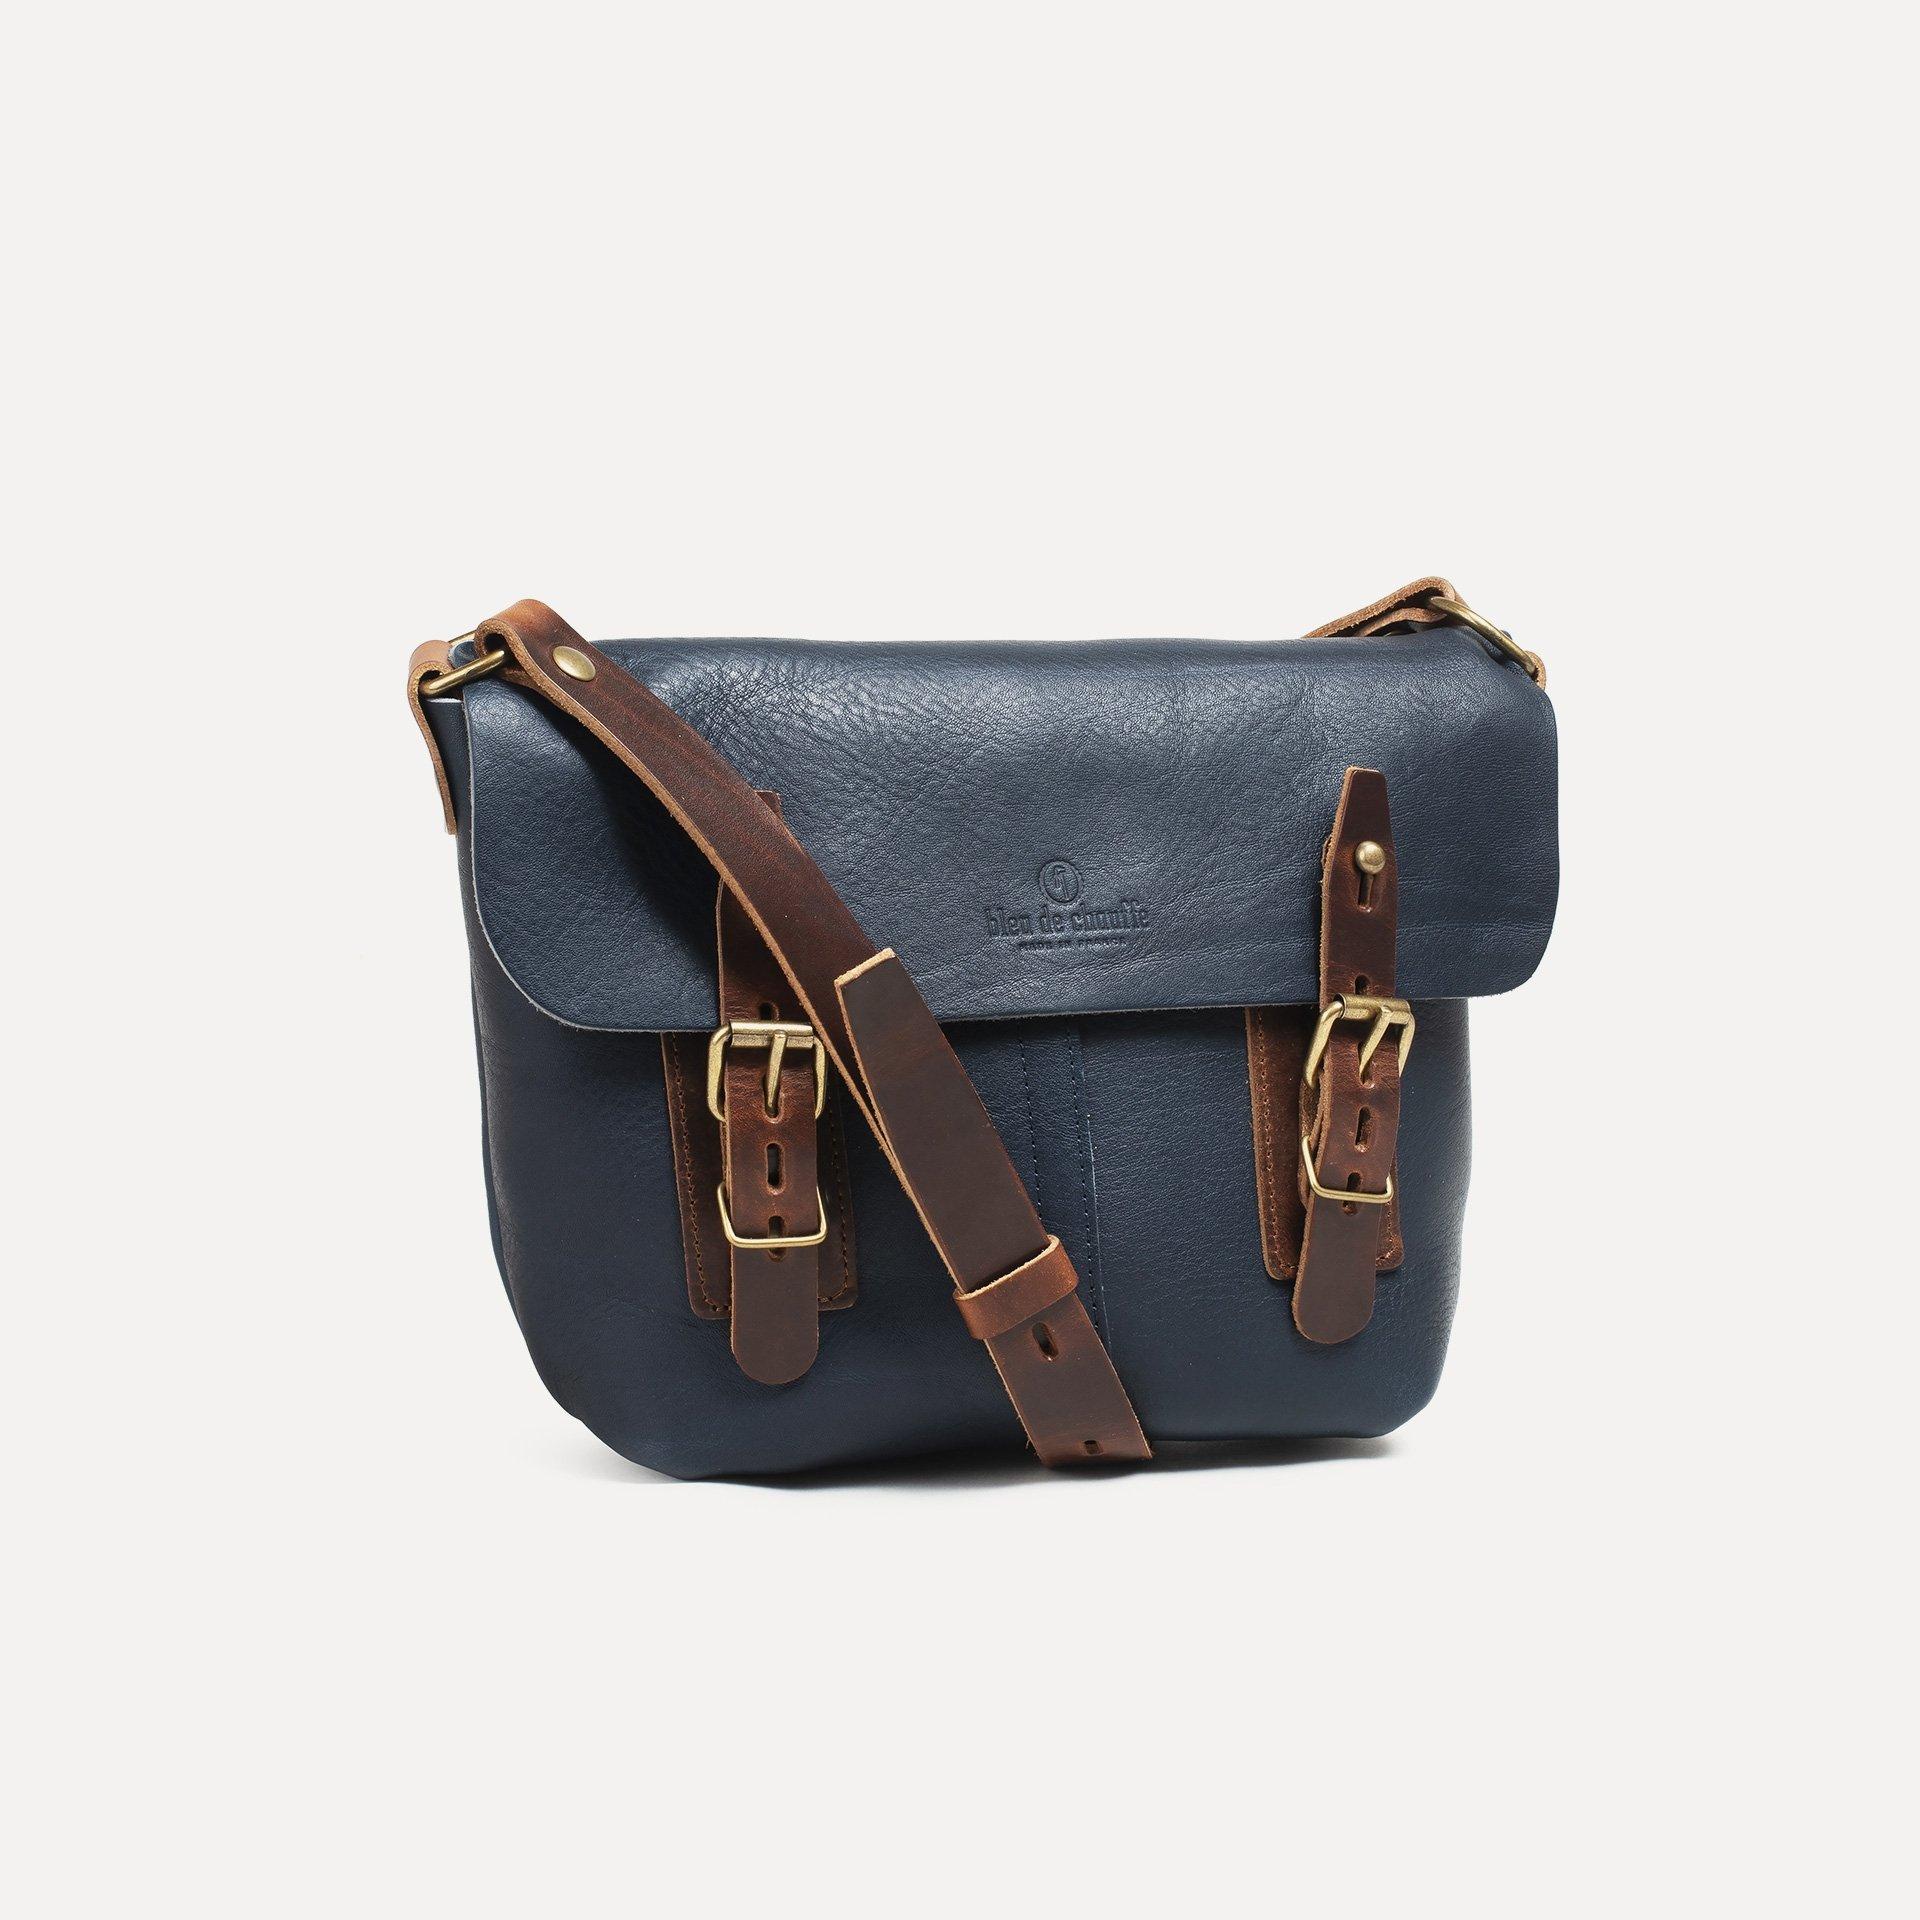 Louis Satchel bag - Navy Blue (image n°2)